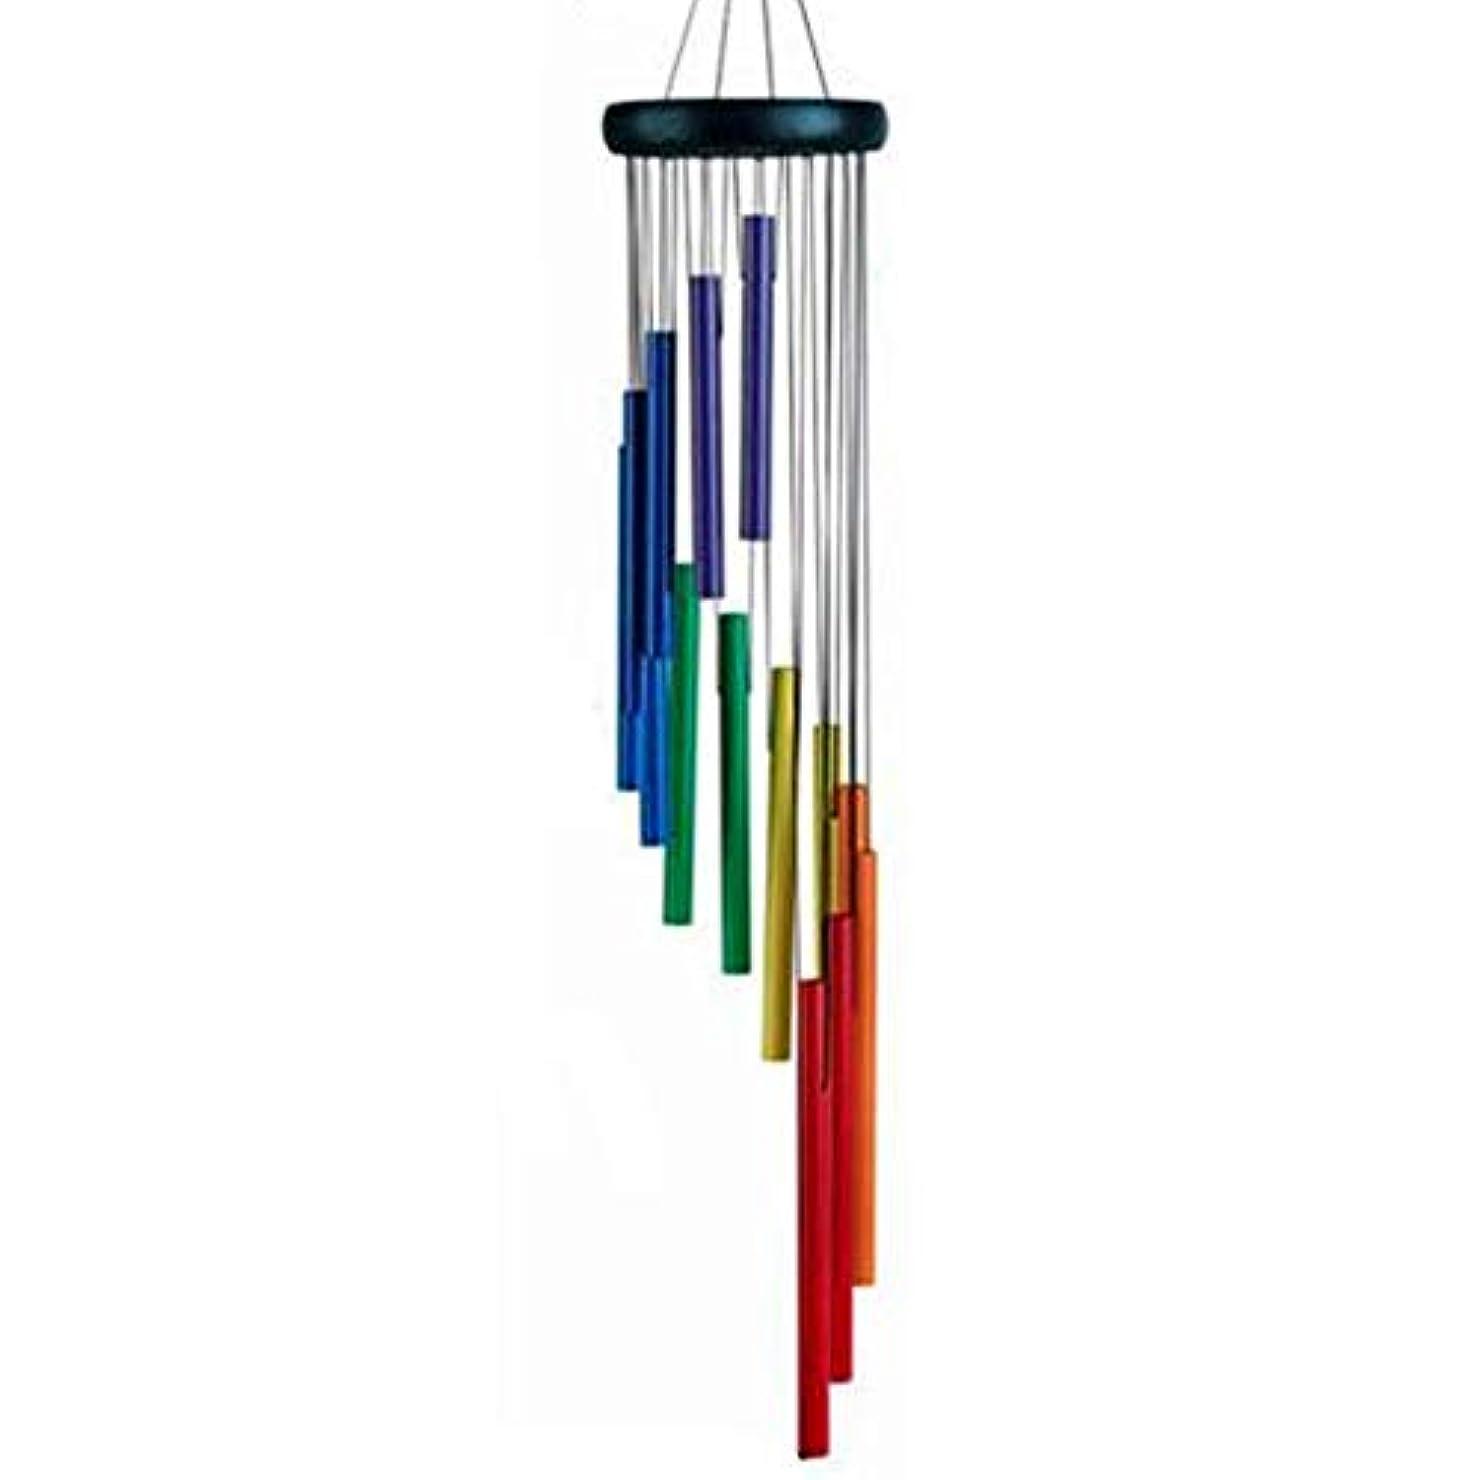 に対処する湿ったに対処するHongyuantongxun 風チャイム、メタル風チャイムを回転14チューブ?ミュージック、七色、長さ74CM,、装飾品ペンダント